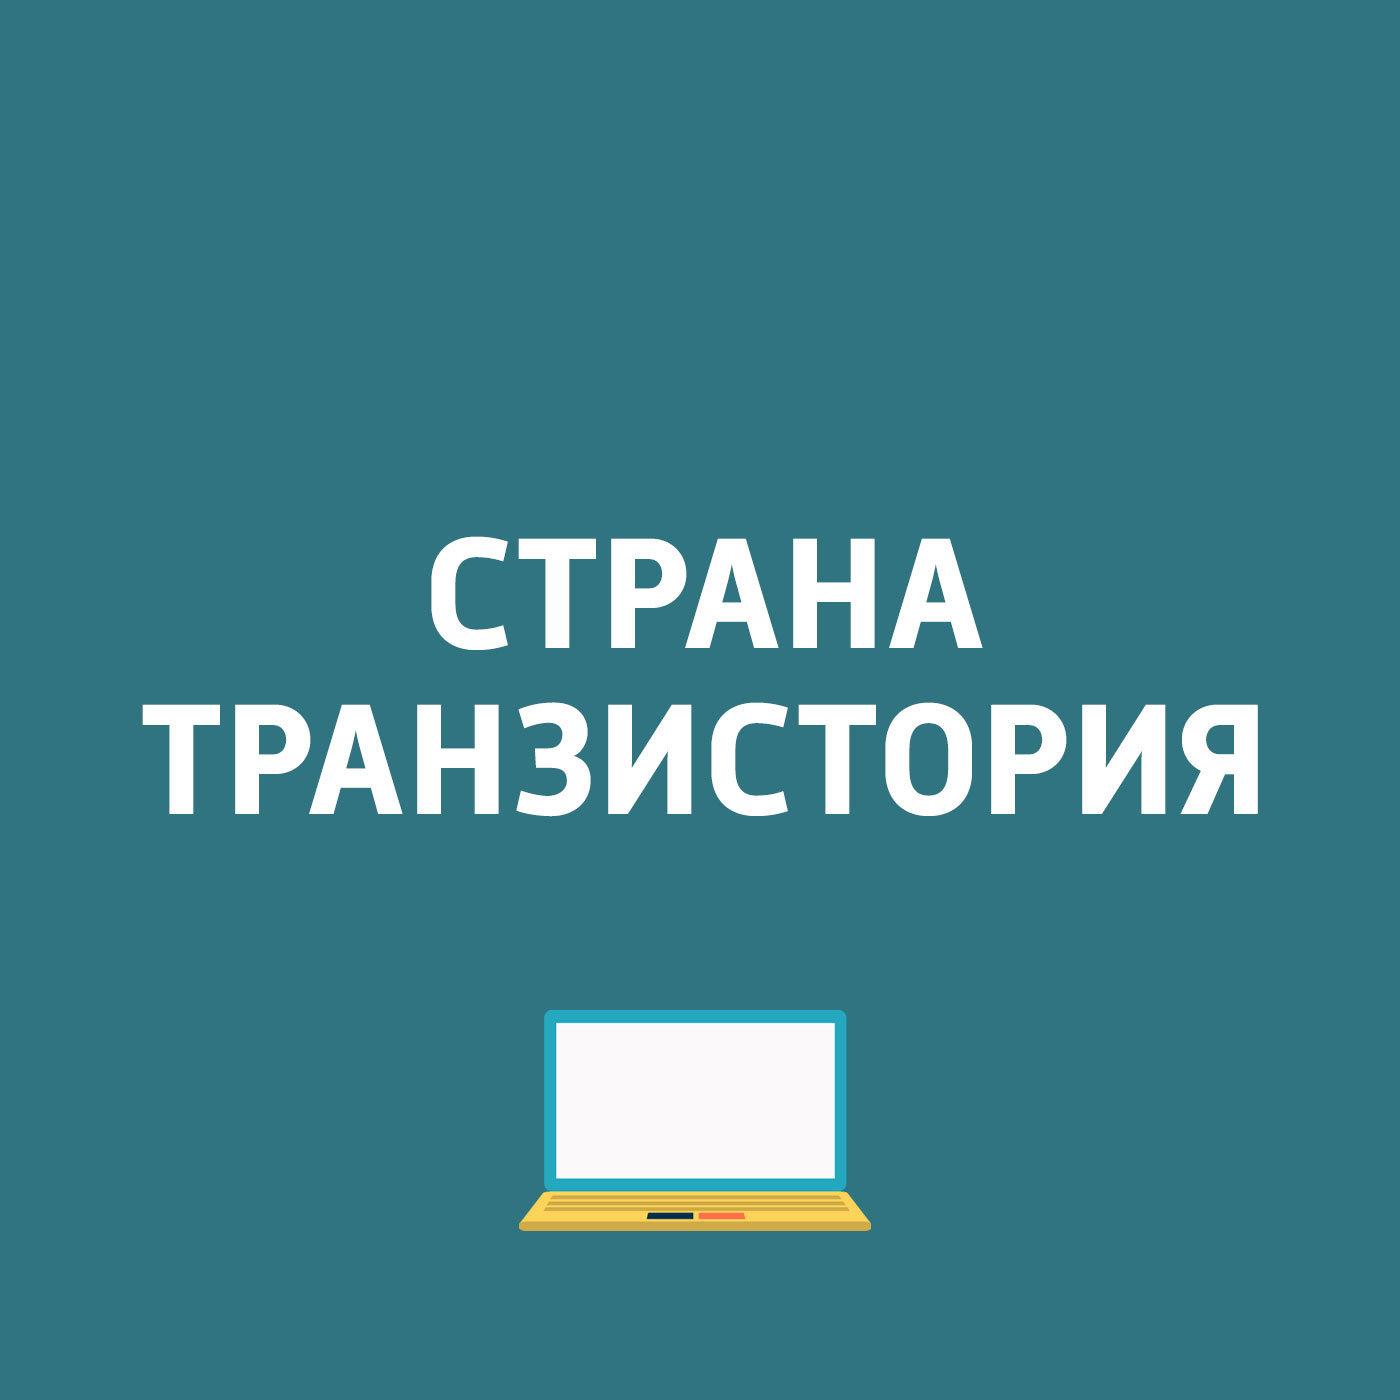 Презентация Mi Mix 2S и Redmi S2; Google Lens; Результаты исследования рынка программного обеспечения в России